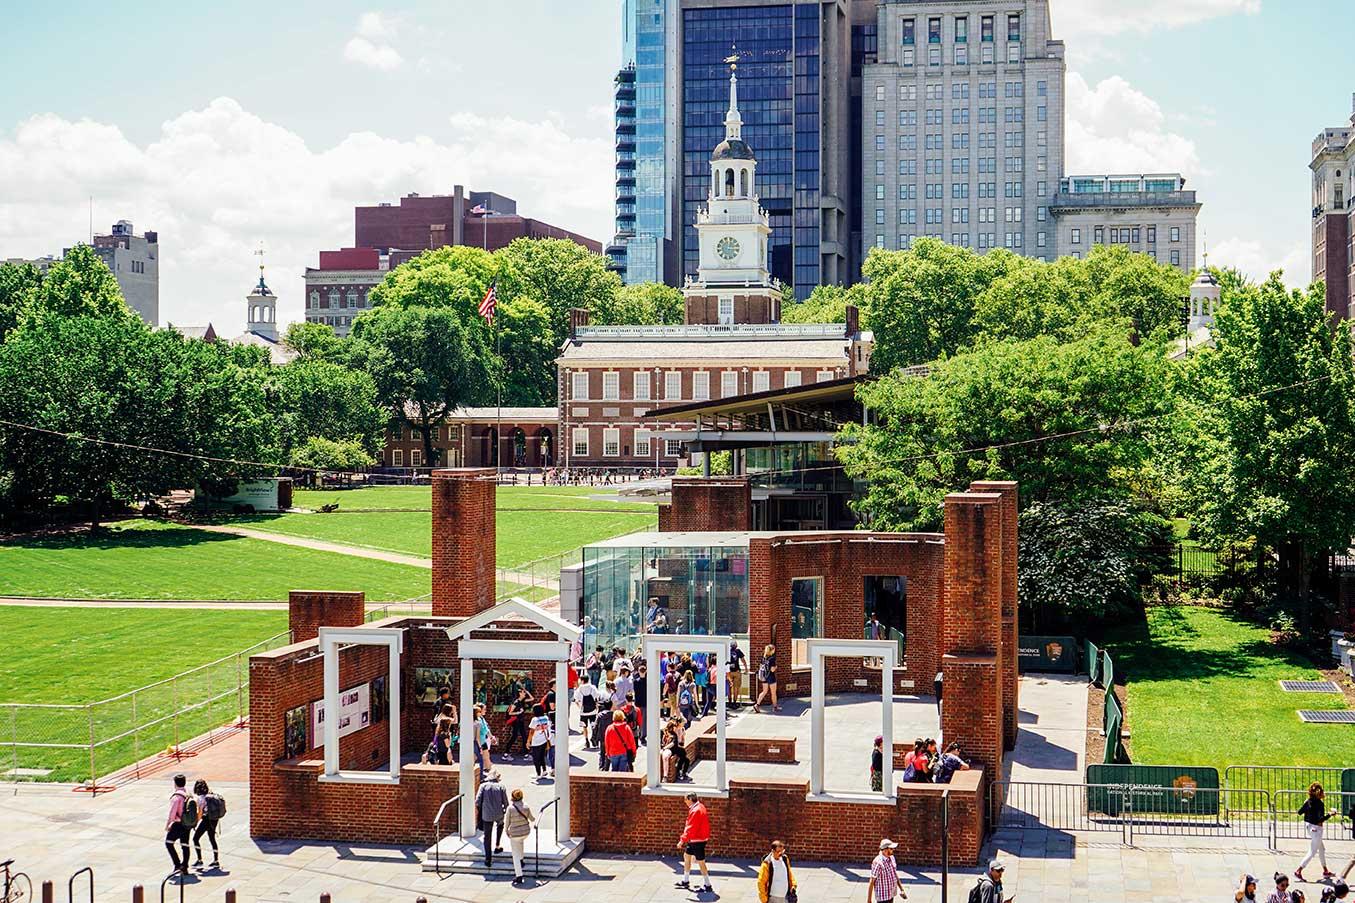 Philadelphia for Free: Kostengünstig durch die geschichtsträchtige US-Metropole